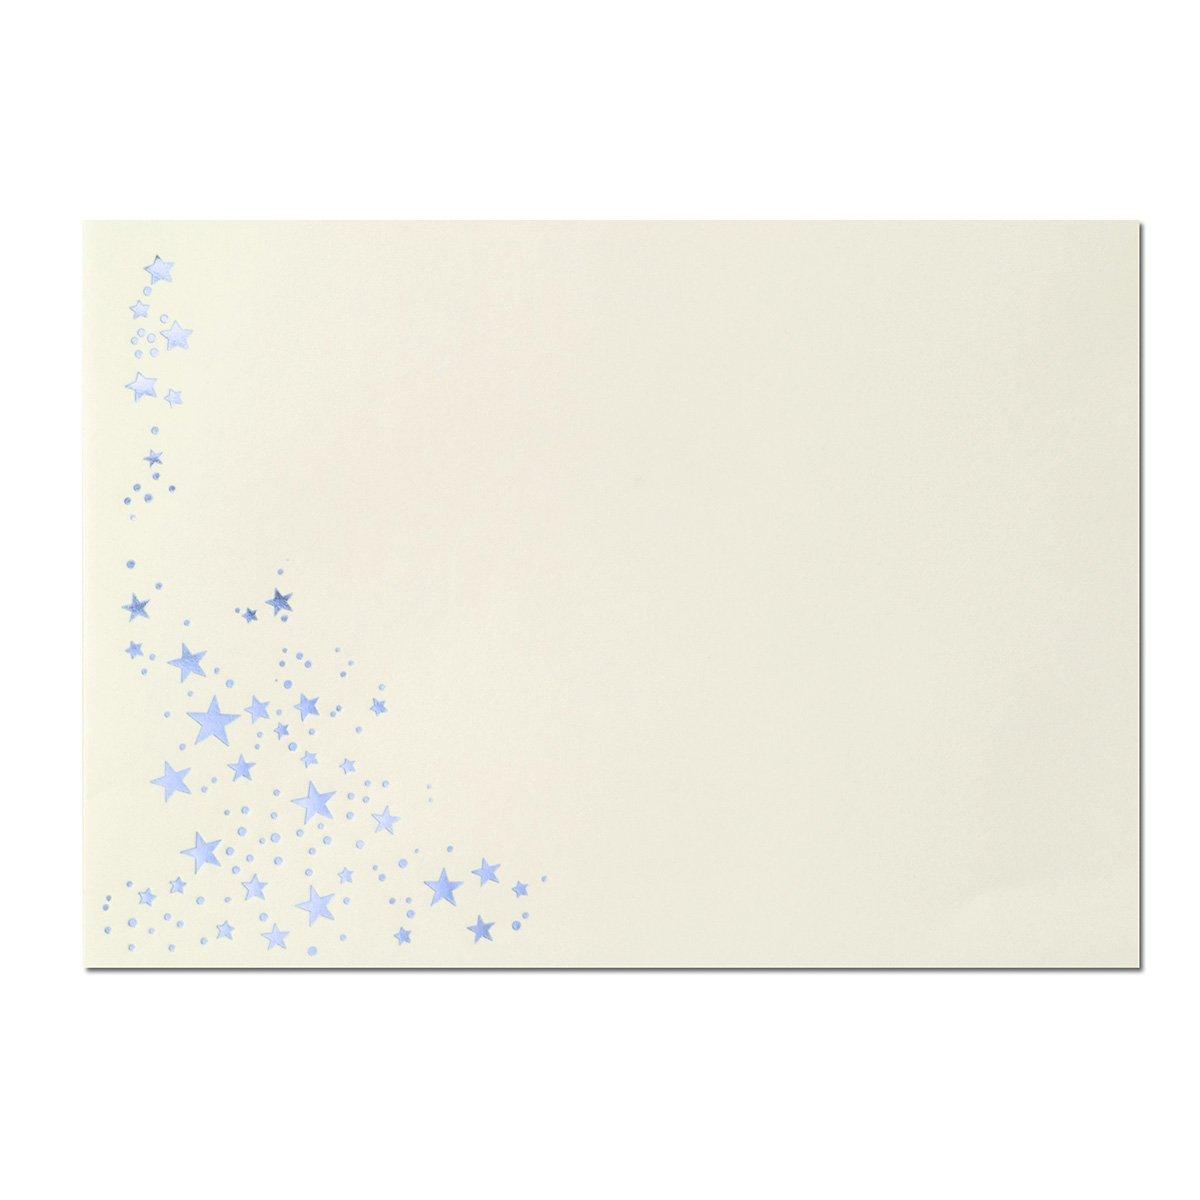 300x Weihnachts-Briefumschläge     DIN C6   mit Gold-Metallic geprägtem Sternenregen  Farbe  Sandbraun  Nassklebung, 120 g m²   114 x 162 mm   Marke  GUSTAV NEUSER® B07CHRQFQN | Die Farbe ist sehr auffällig  | Umweltfreundlich  | Angeme d6d068